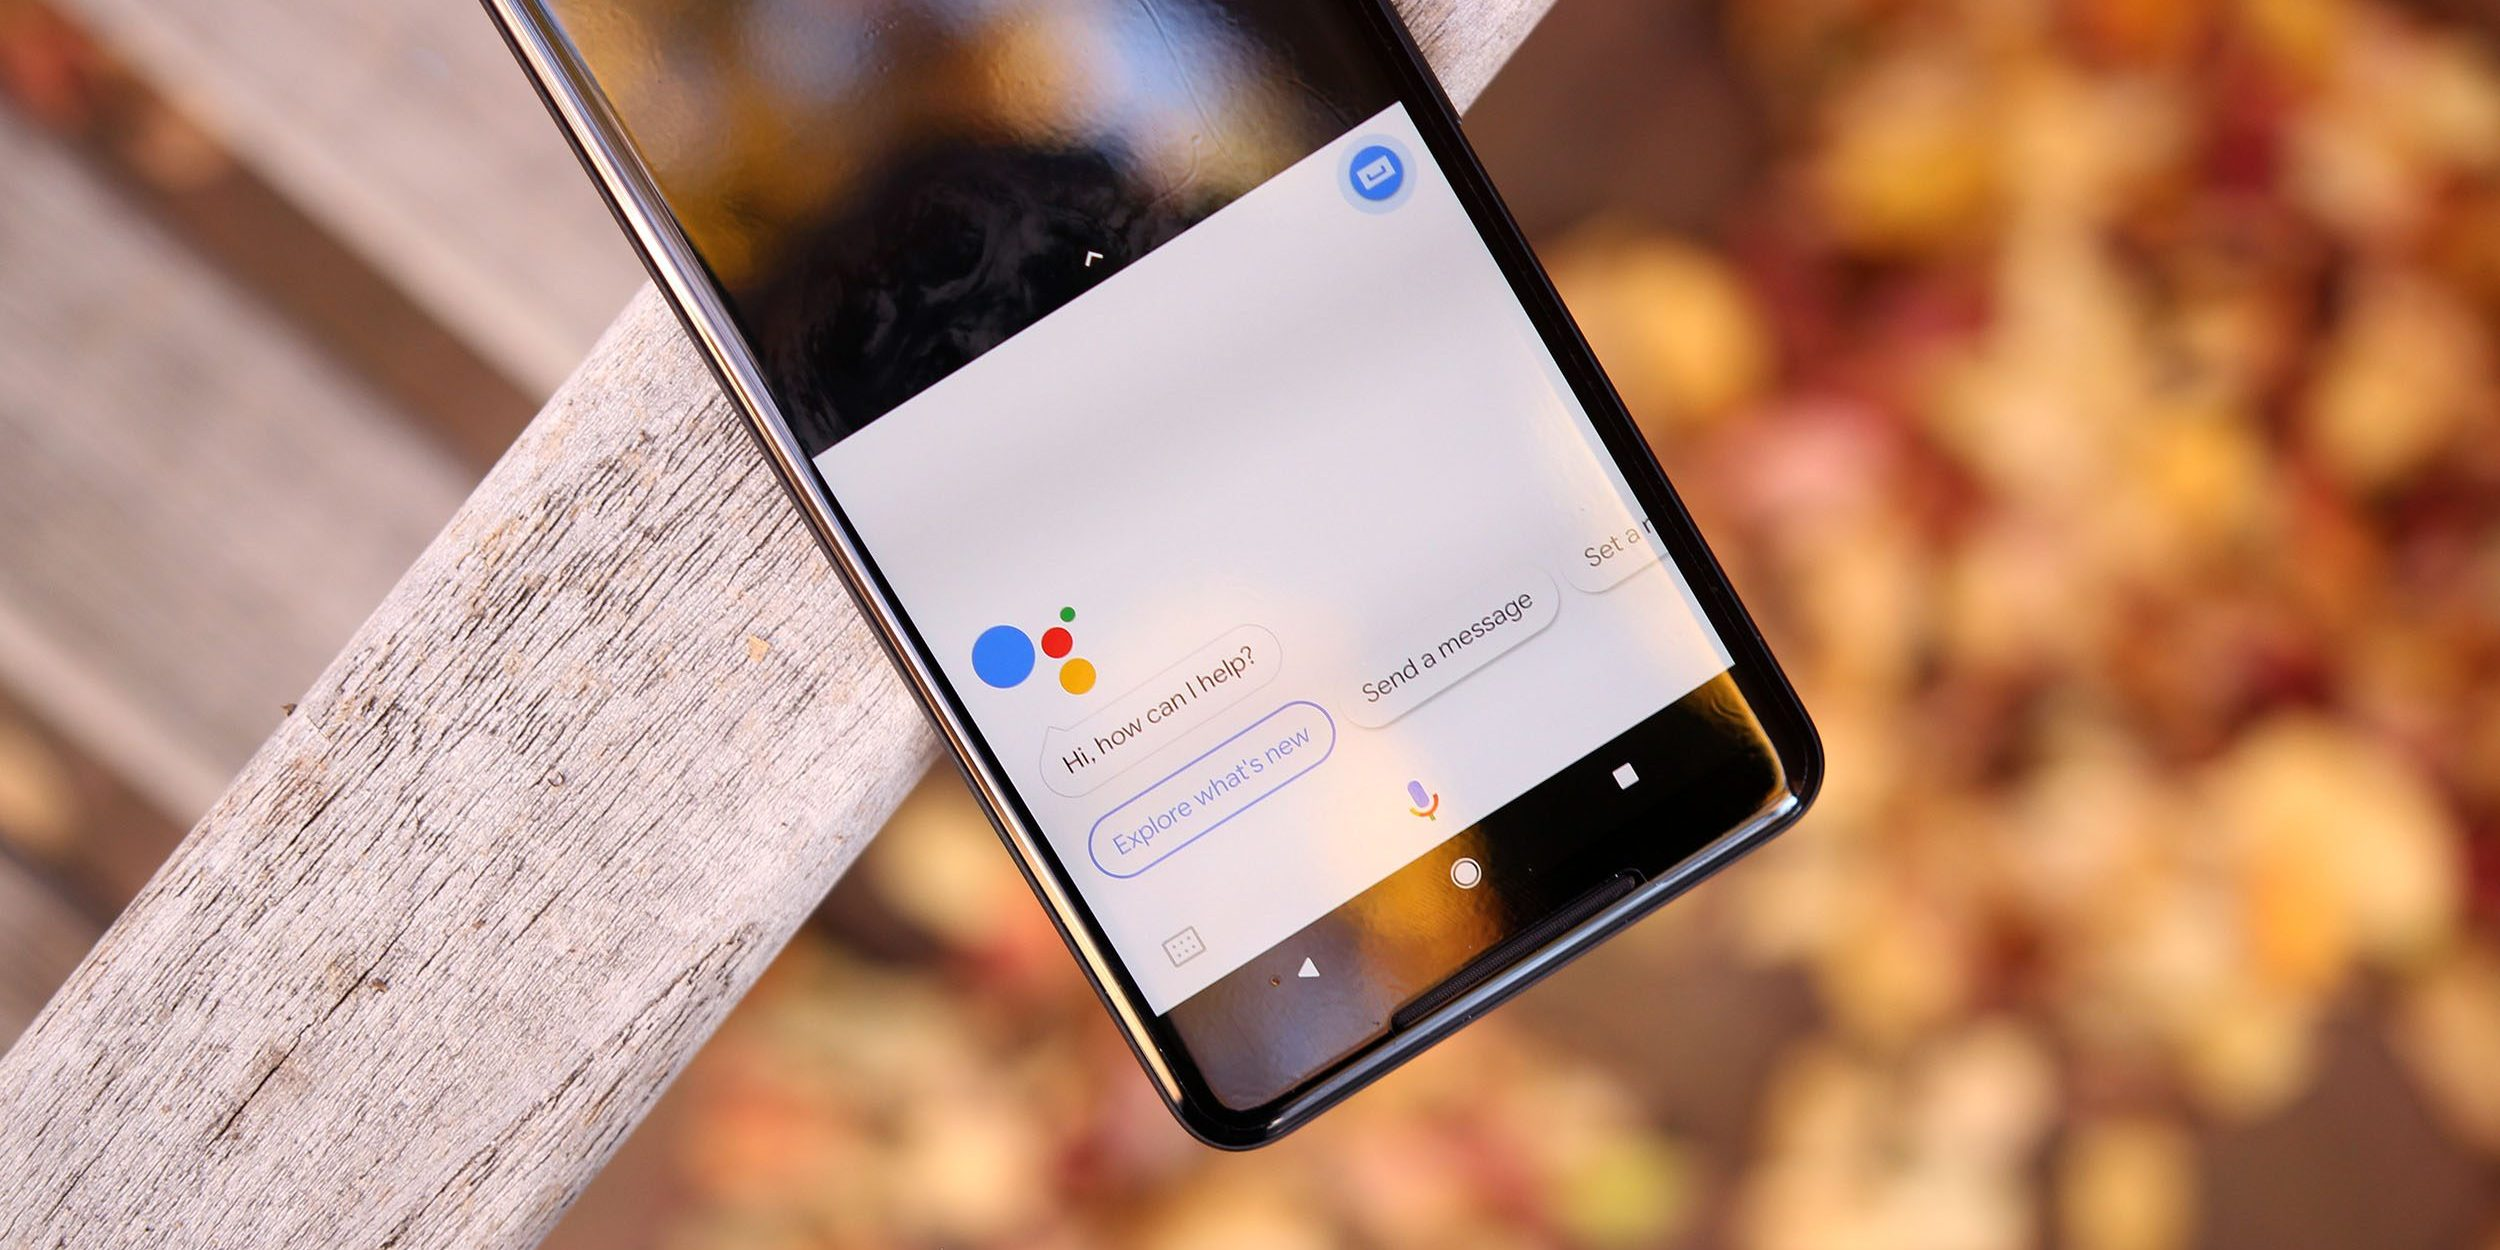 [Update: Behoben] Google Assistant für Android, der zu einem früheren, von Smart Display inspirierten Design